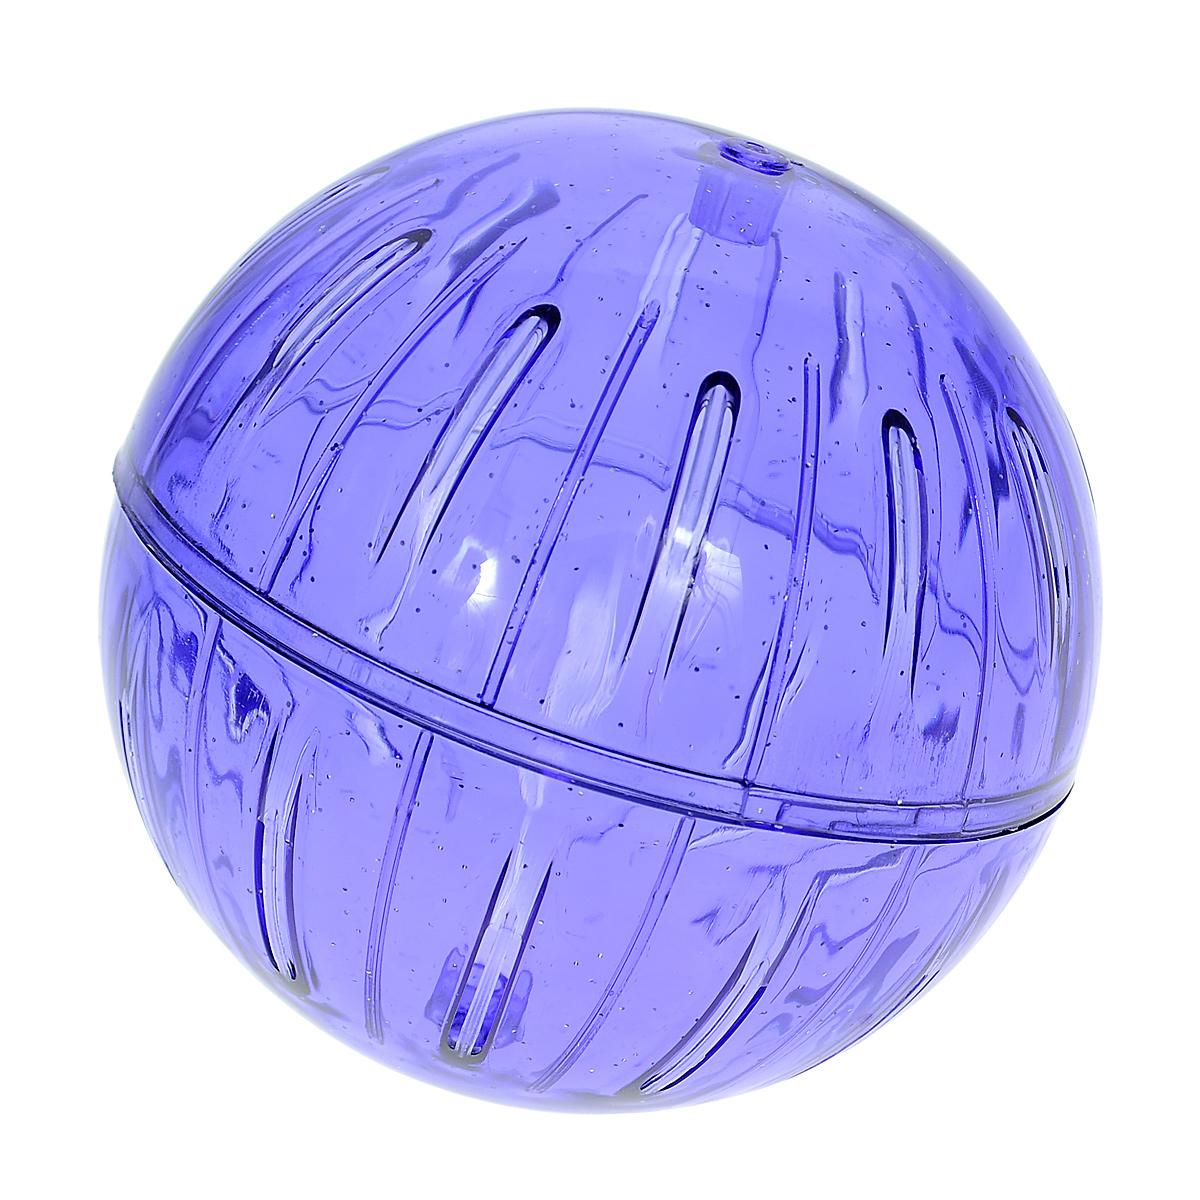 Игрушка для грызунов I.P.T.S. Шар прогулочный, цвет: синий, диаметр 12 см0120710Игрушка для грызунов I.P.T.S. Шар прогулочный изготовлена из нетоксичного высококачественного пластика. Шар легко моется. Устойчивая конструкция с двумя защелкивающимися половинками обеспечит безопасность и предохранит вашего питомца от побега. Большие вентиляционные отверстия обеспечивают хорошую циркуляцию воздуха, а специально разработанные выступы для лап - удобство при передвижении. Прогулка в таком шаре обеспечит грызуну нагрузку, а значит, поможет поддержать хорошую физическую форму.Чтобы правильно подобрать шар, следует измерить длину животного: диаметр шара должен быть чуть больше, чем длина вашего питомца.Диаметр шара: 12 см.